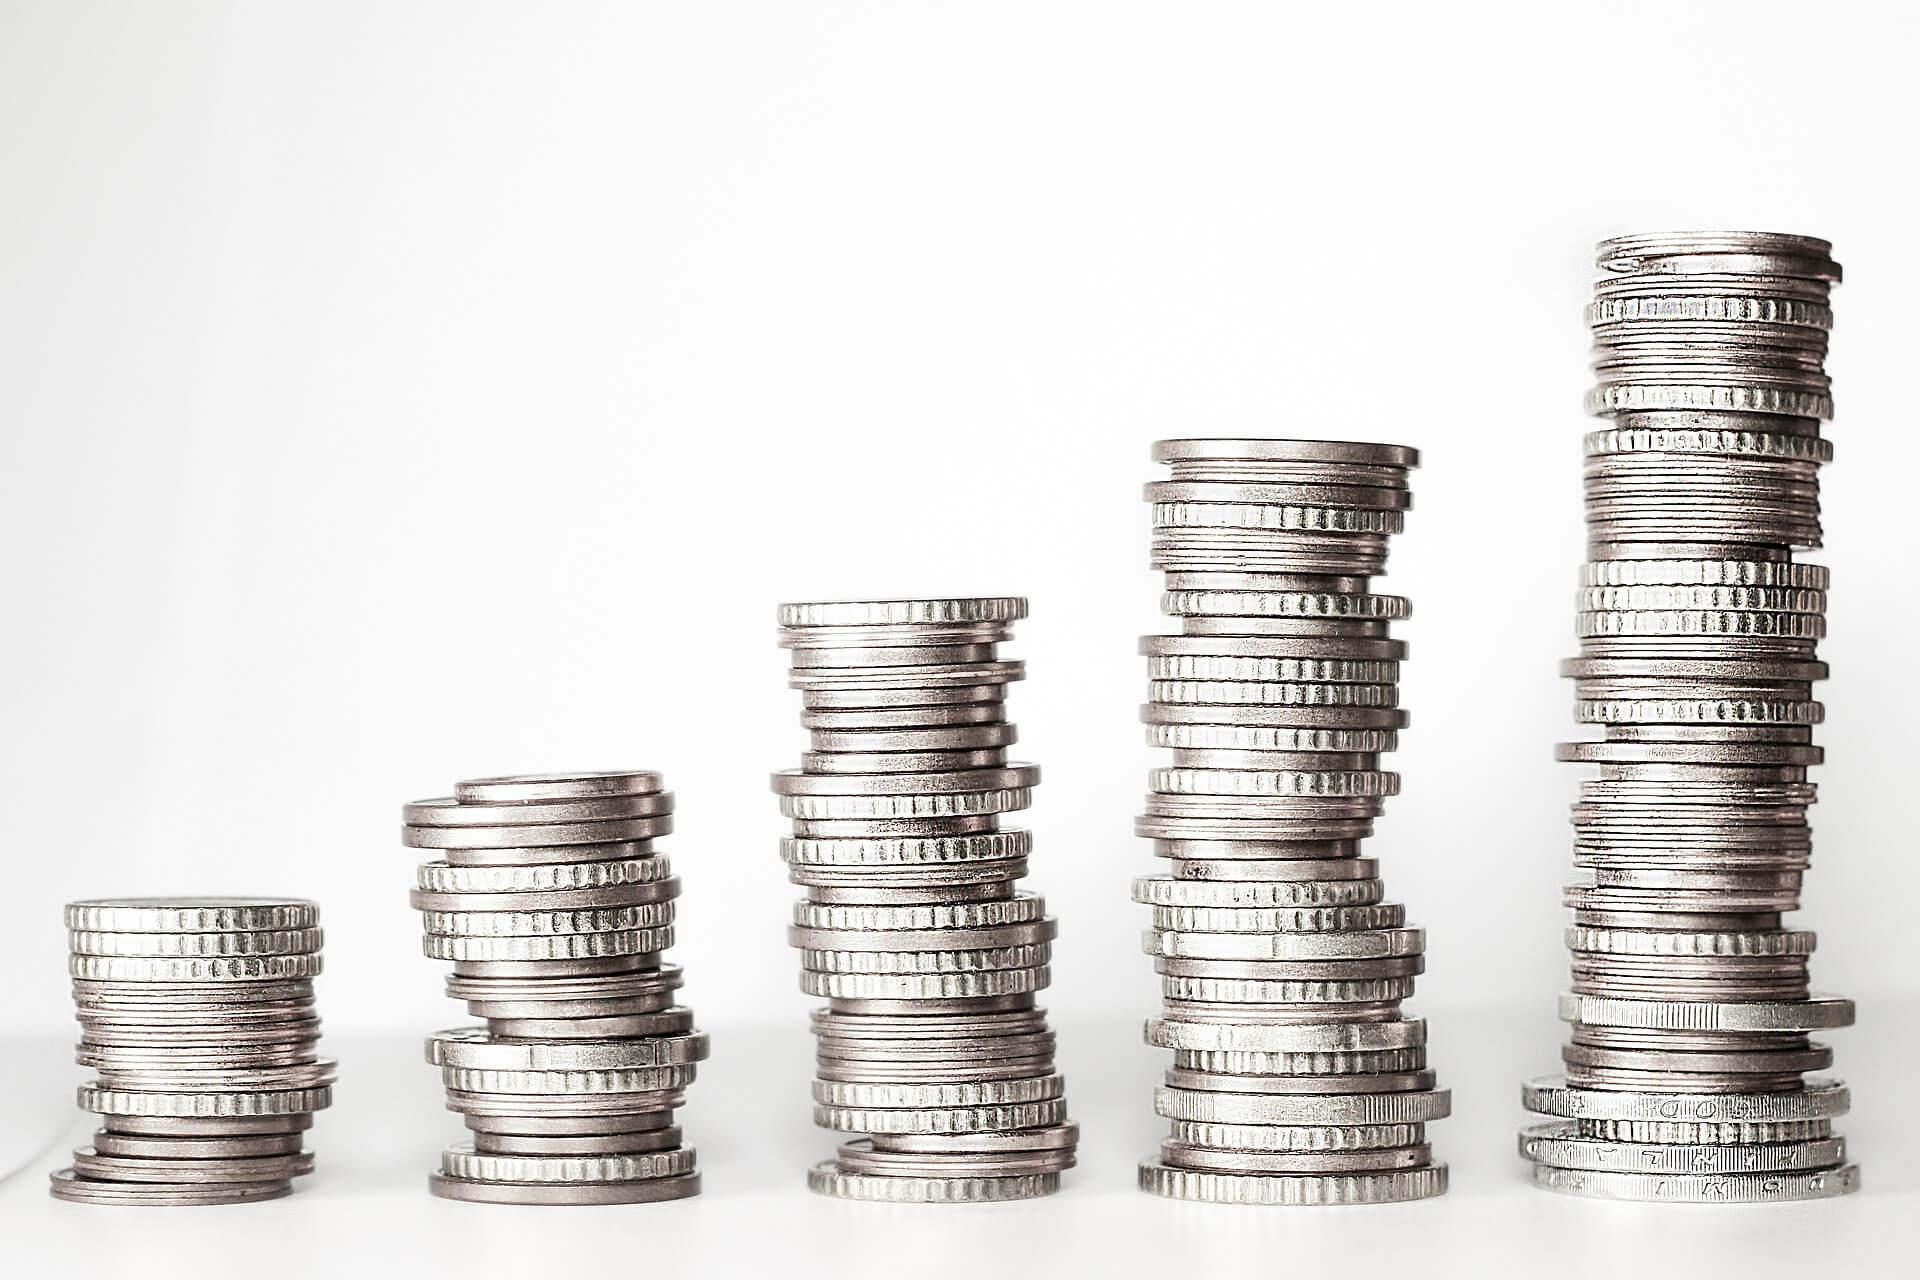 Alerta Legal | Alerta Unidad de Análisis Financiero: Se inicia proceso de consulta para Circular n° 49